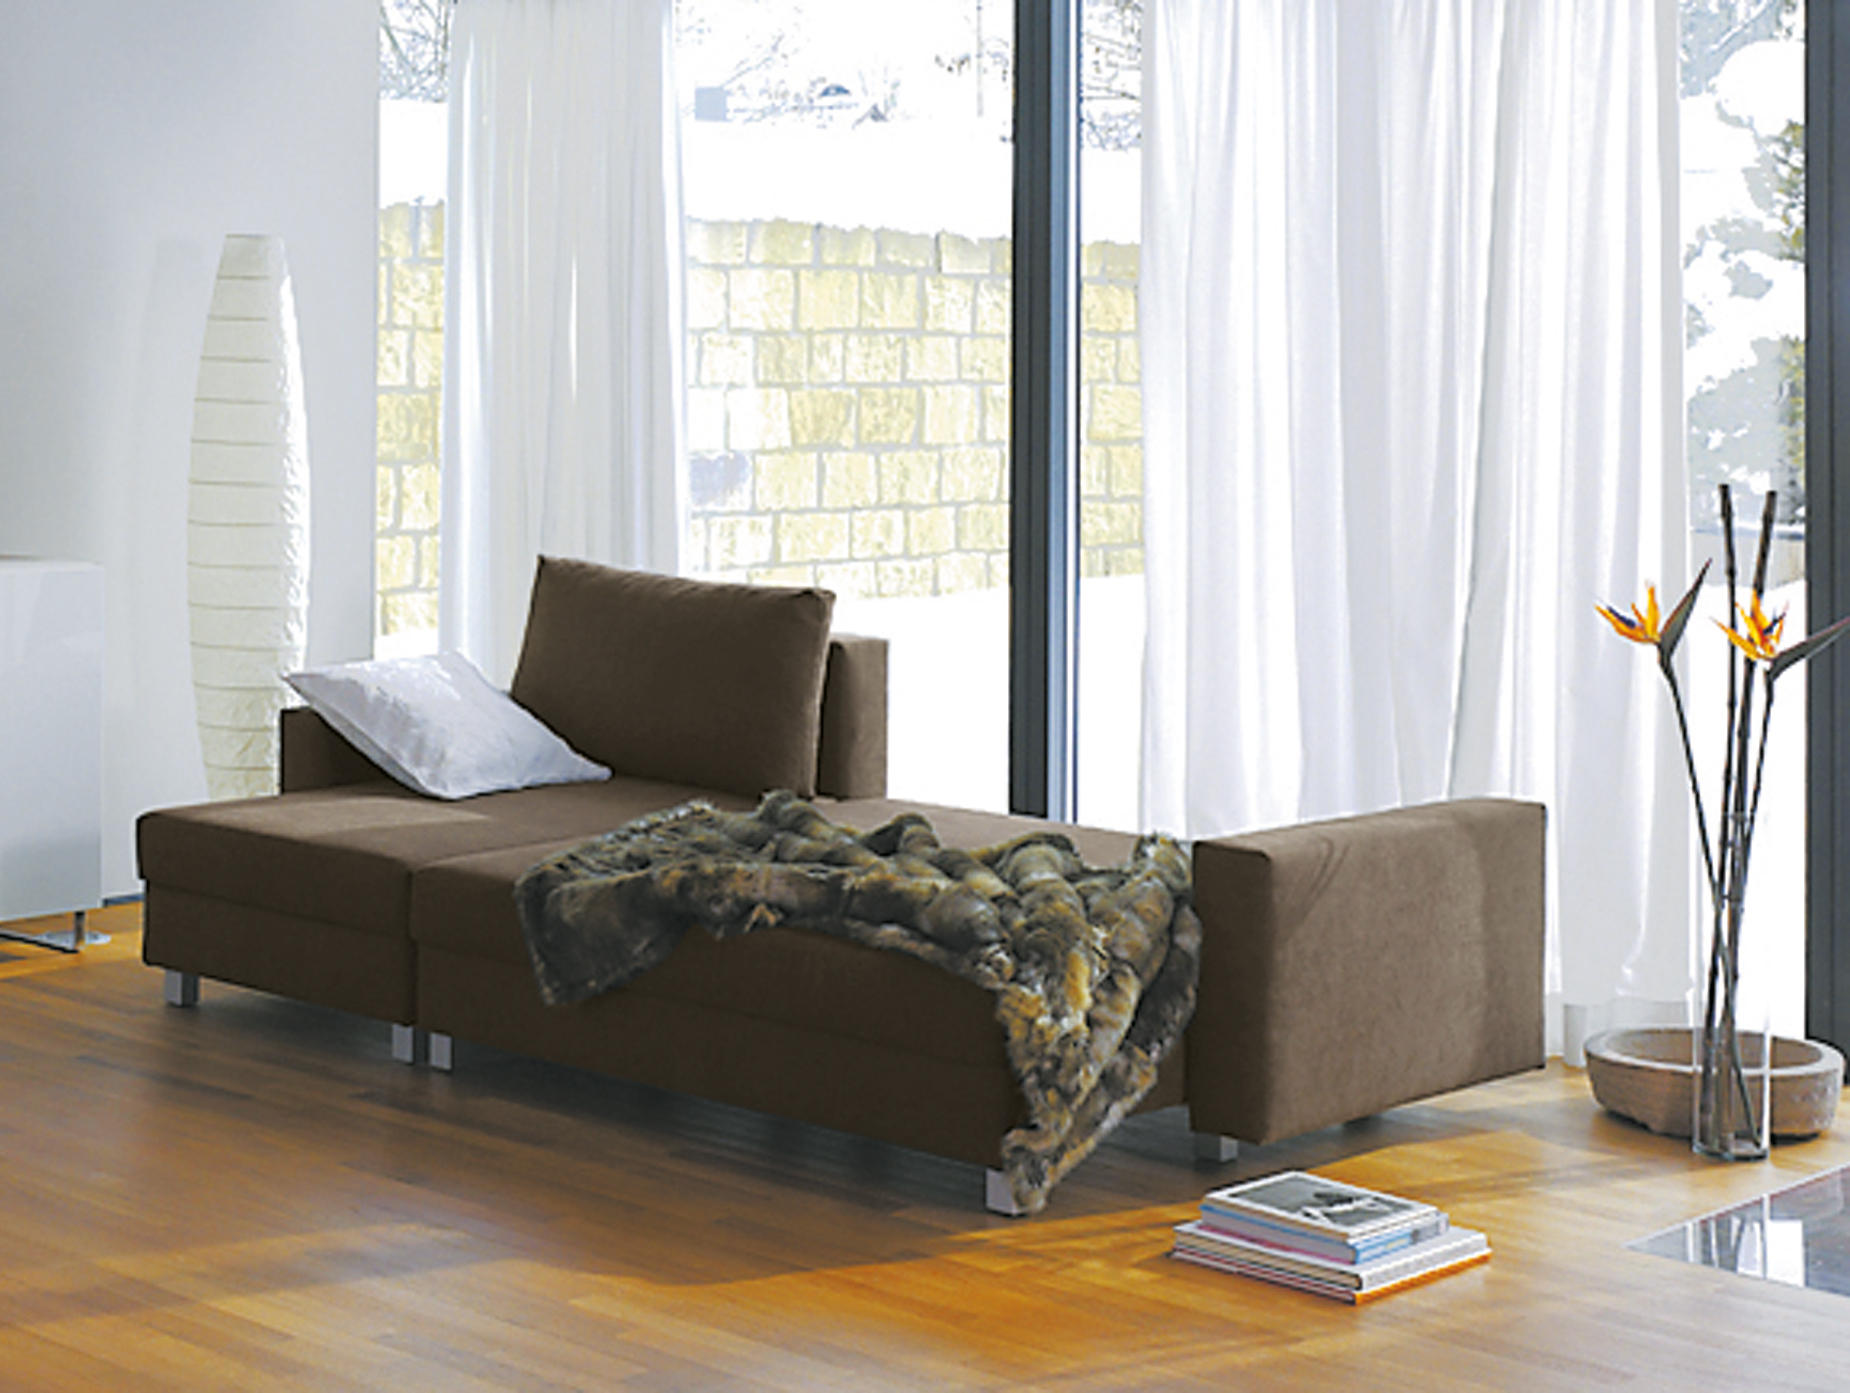 sonett sitzgruppe schlafsofas von die collection. Black Bedroom Furniture Sets. Home Design Ideas